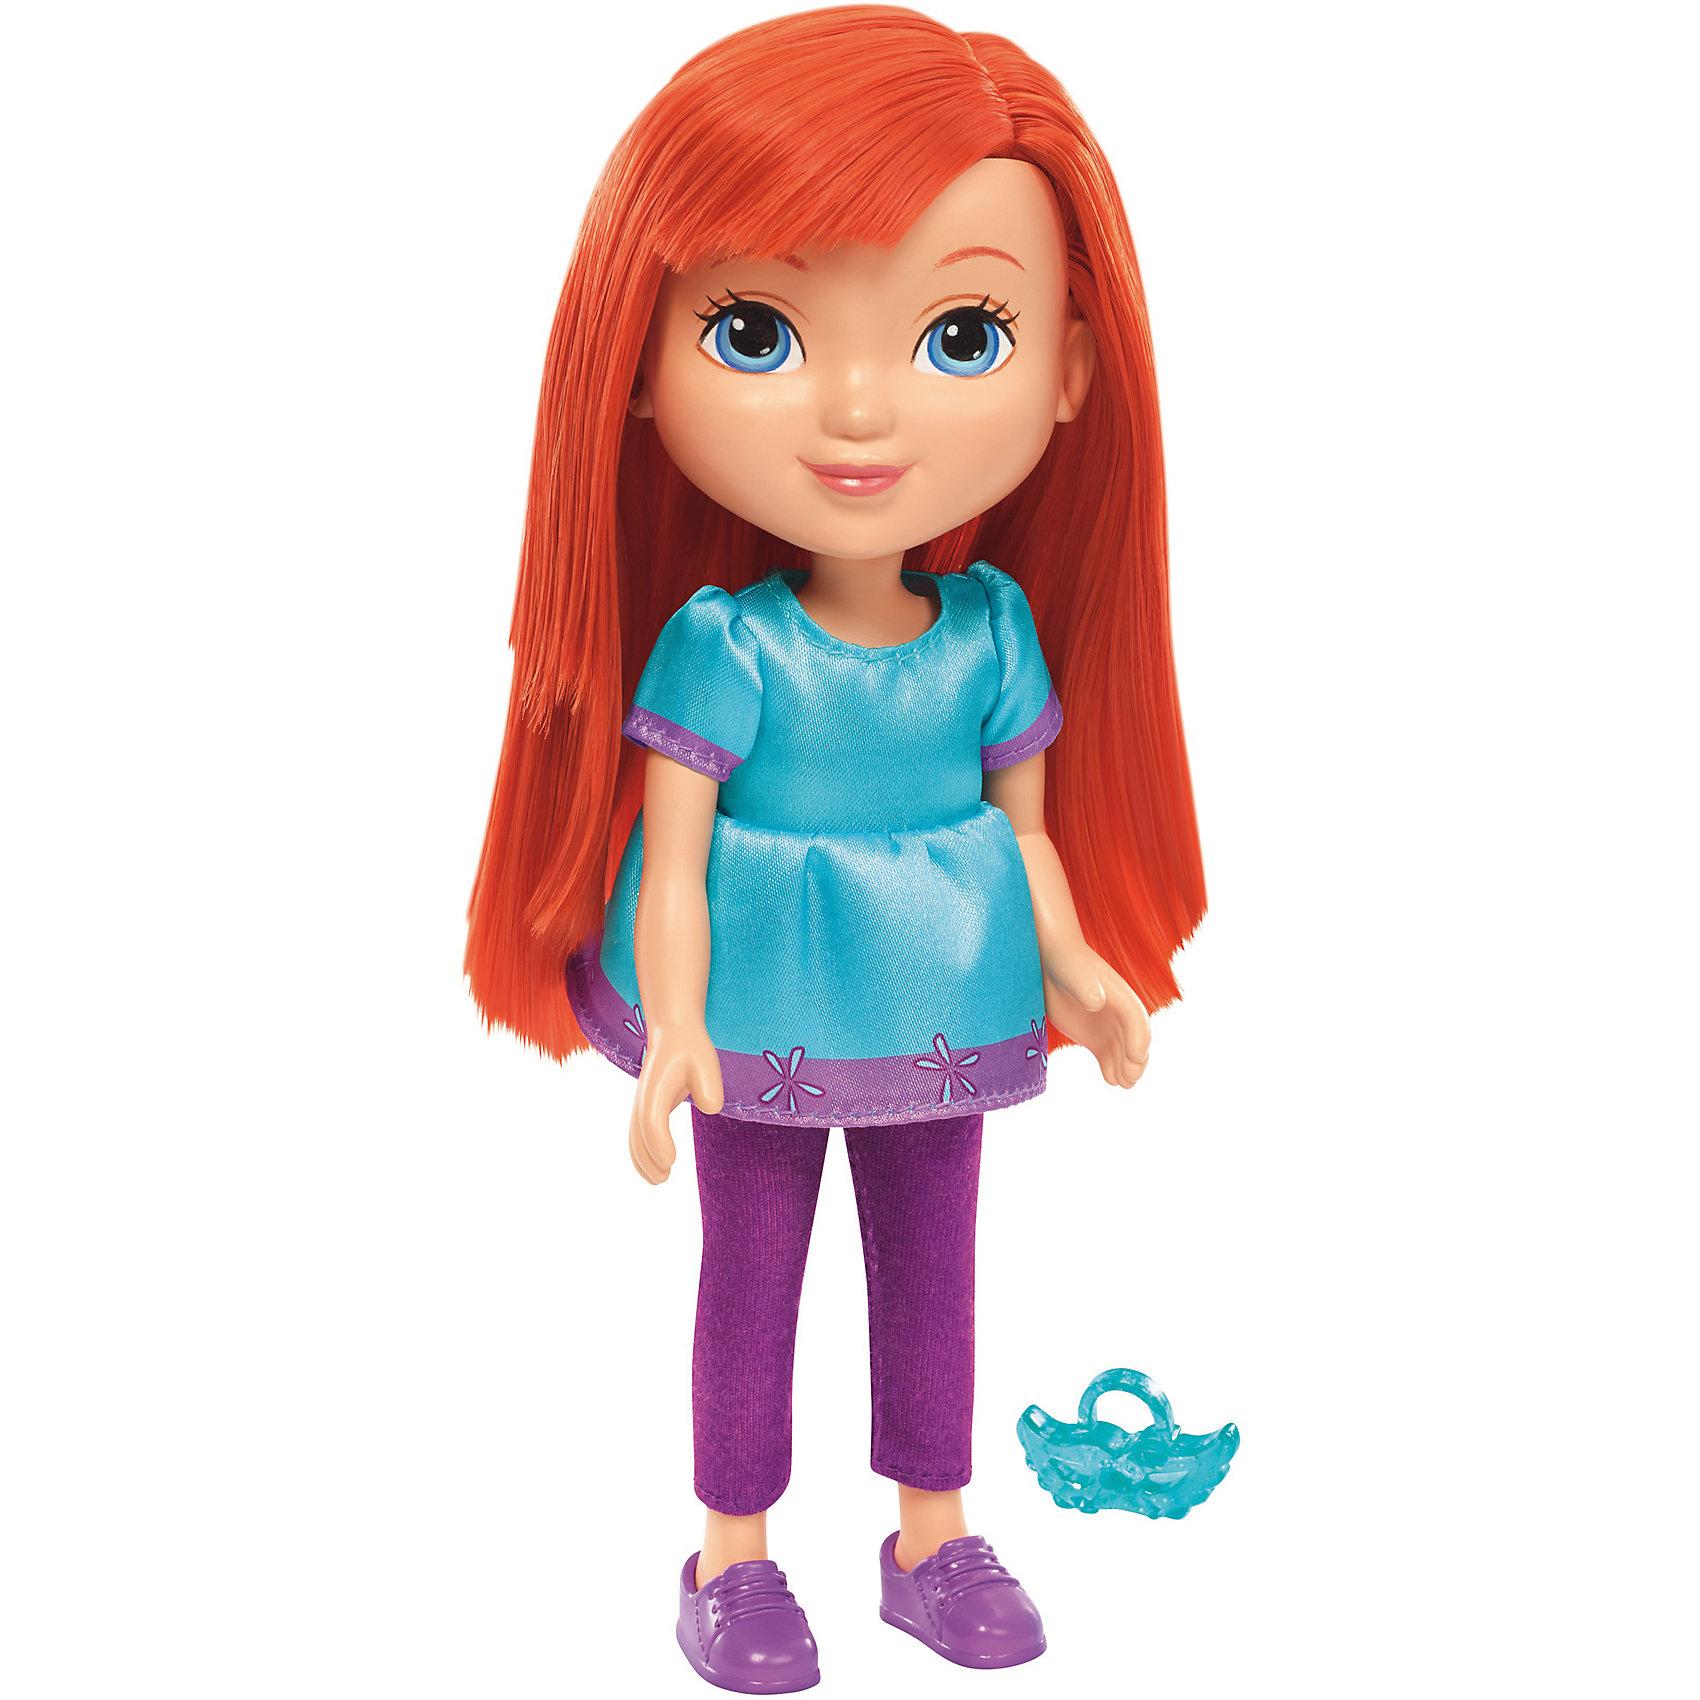 Кукла Кейт, Fisher Price, Даша и друзьяДаша-путешественница<br>Кукла Кейт, Fisher Price, Даша и друзья.<br><br>Характеристики:<br><br>• В наборе: кукла, шармик для браслета<br>• Высота куклы: 20 см.<br>• Материал: пластик, текстиль<br><br>Кукла Кейт из серии Даша и друзья от Fisher-Price - игрушка, о которой мечтают все девочки, следящие за приключениями героев популярного детского мультфильма. Теперь приключения будут сопровождать игры девочки, ведь Кейт раскроет все тайны и сможет использовать всю магию, которой она владеет. Кейт одета в голубую тунику и фиолетовые лосины, на ногах у куклы - фиолетовые туфли. Лицо куклы тщательно прорисовано. У Кейт большие выразительные голубые глаза, розовые губки. Волосы прошиты густо, они длинные и мягкие, их можно расчесывать и заплетать. Руки и ноги куклы подвижны, шарниров в суставах нет. <br><br>Кукла изготовлена из качественных безопасных для здоровья материалов. В дополнение к кукле в набор входит шармик для браслета, который может быть использован с интерактивной куклой этой серии — Fisher-Price Talking Dora &amp; Smartphone! Просто наложите шармик в магический смартфон, чтобы услышать мелодии и фразы!<br><br>Куклу Кейт, Fisher Price, Даша и друзья можно купить в нашем интернет-магазине.<br><br>Ширина мм: 115<br>Глубина мм: 70<br>Высота мм: 230<br>Вес г: 218<br>Возраст от месяцев: 36<br>Возраст до месяцев: 120<br>Пол: Женский<br>Возраст: Детский<br>SKU: 5440326